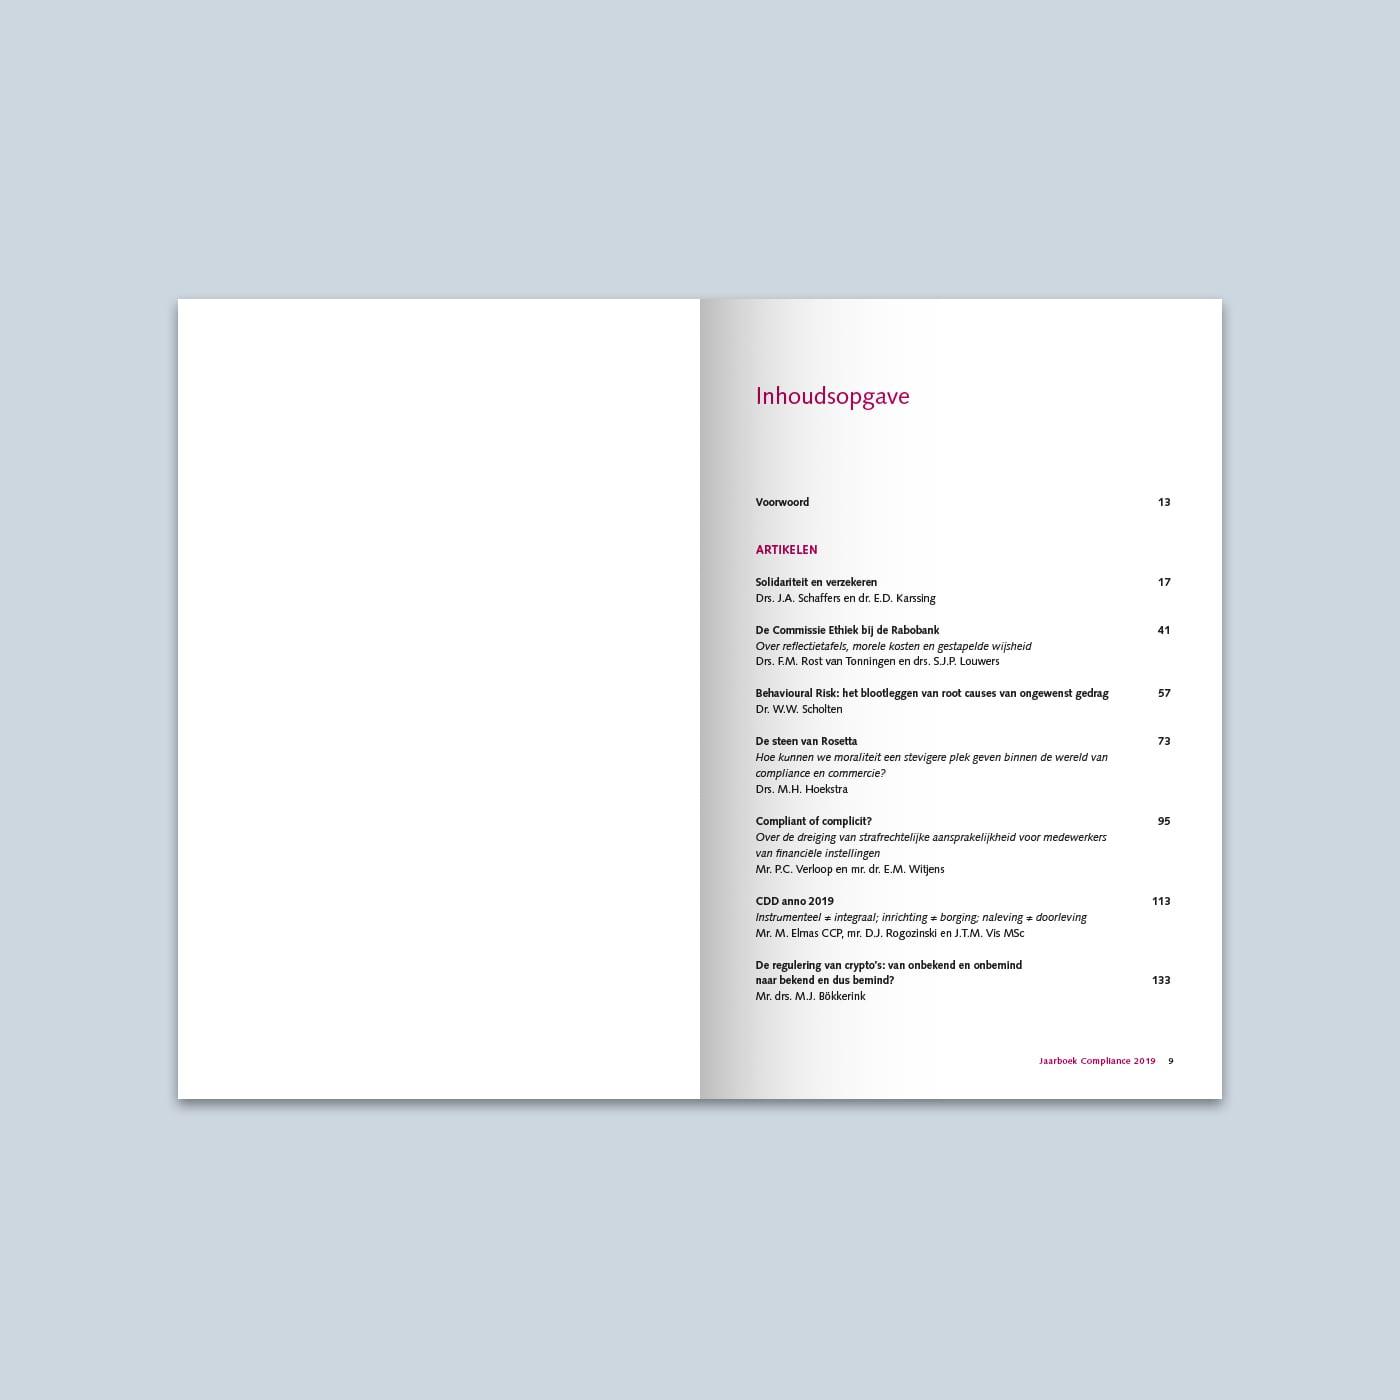 Jaarboek Compliance 2019 binnenwerk 2